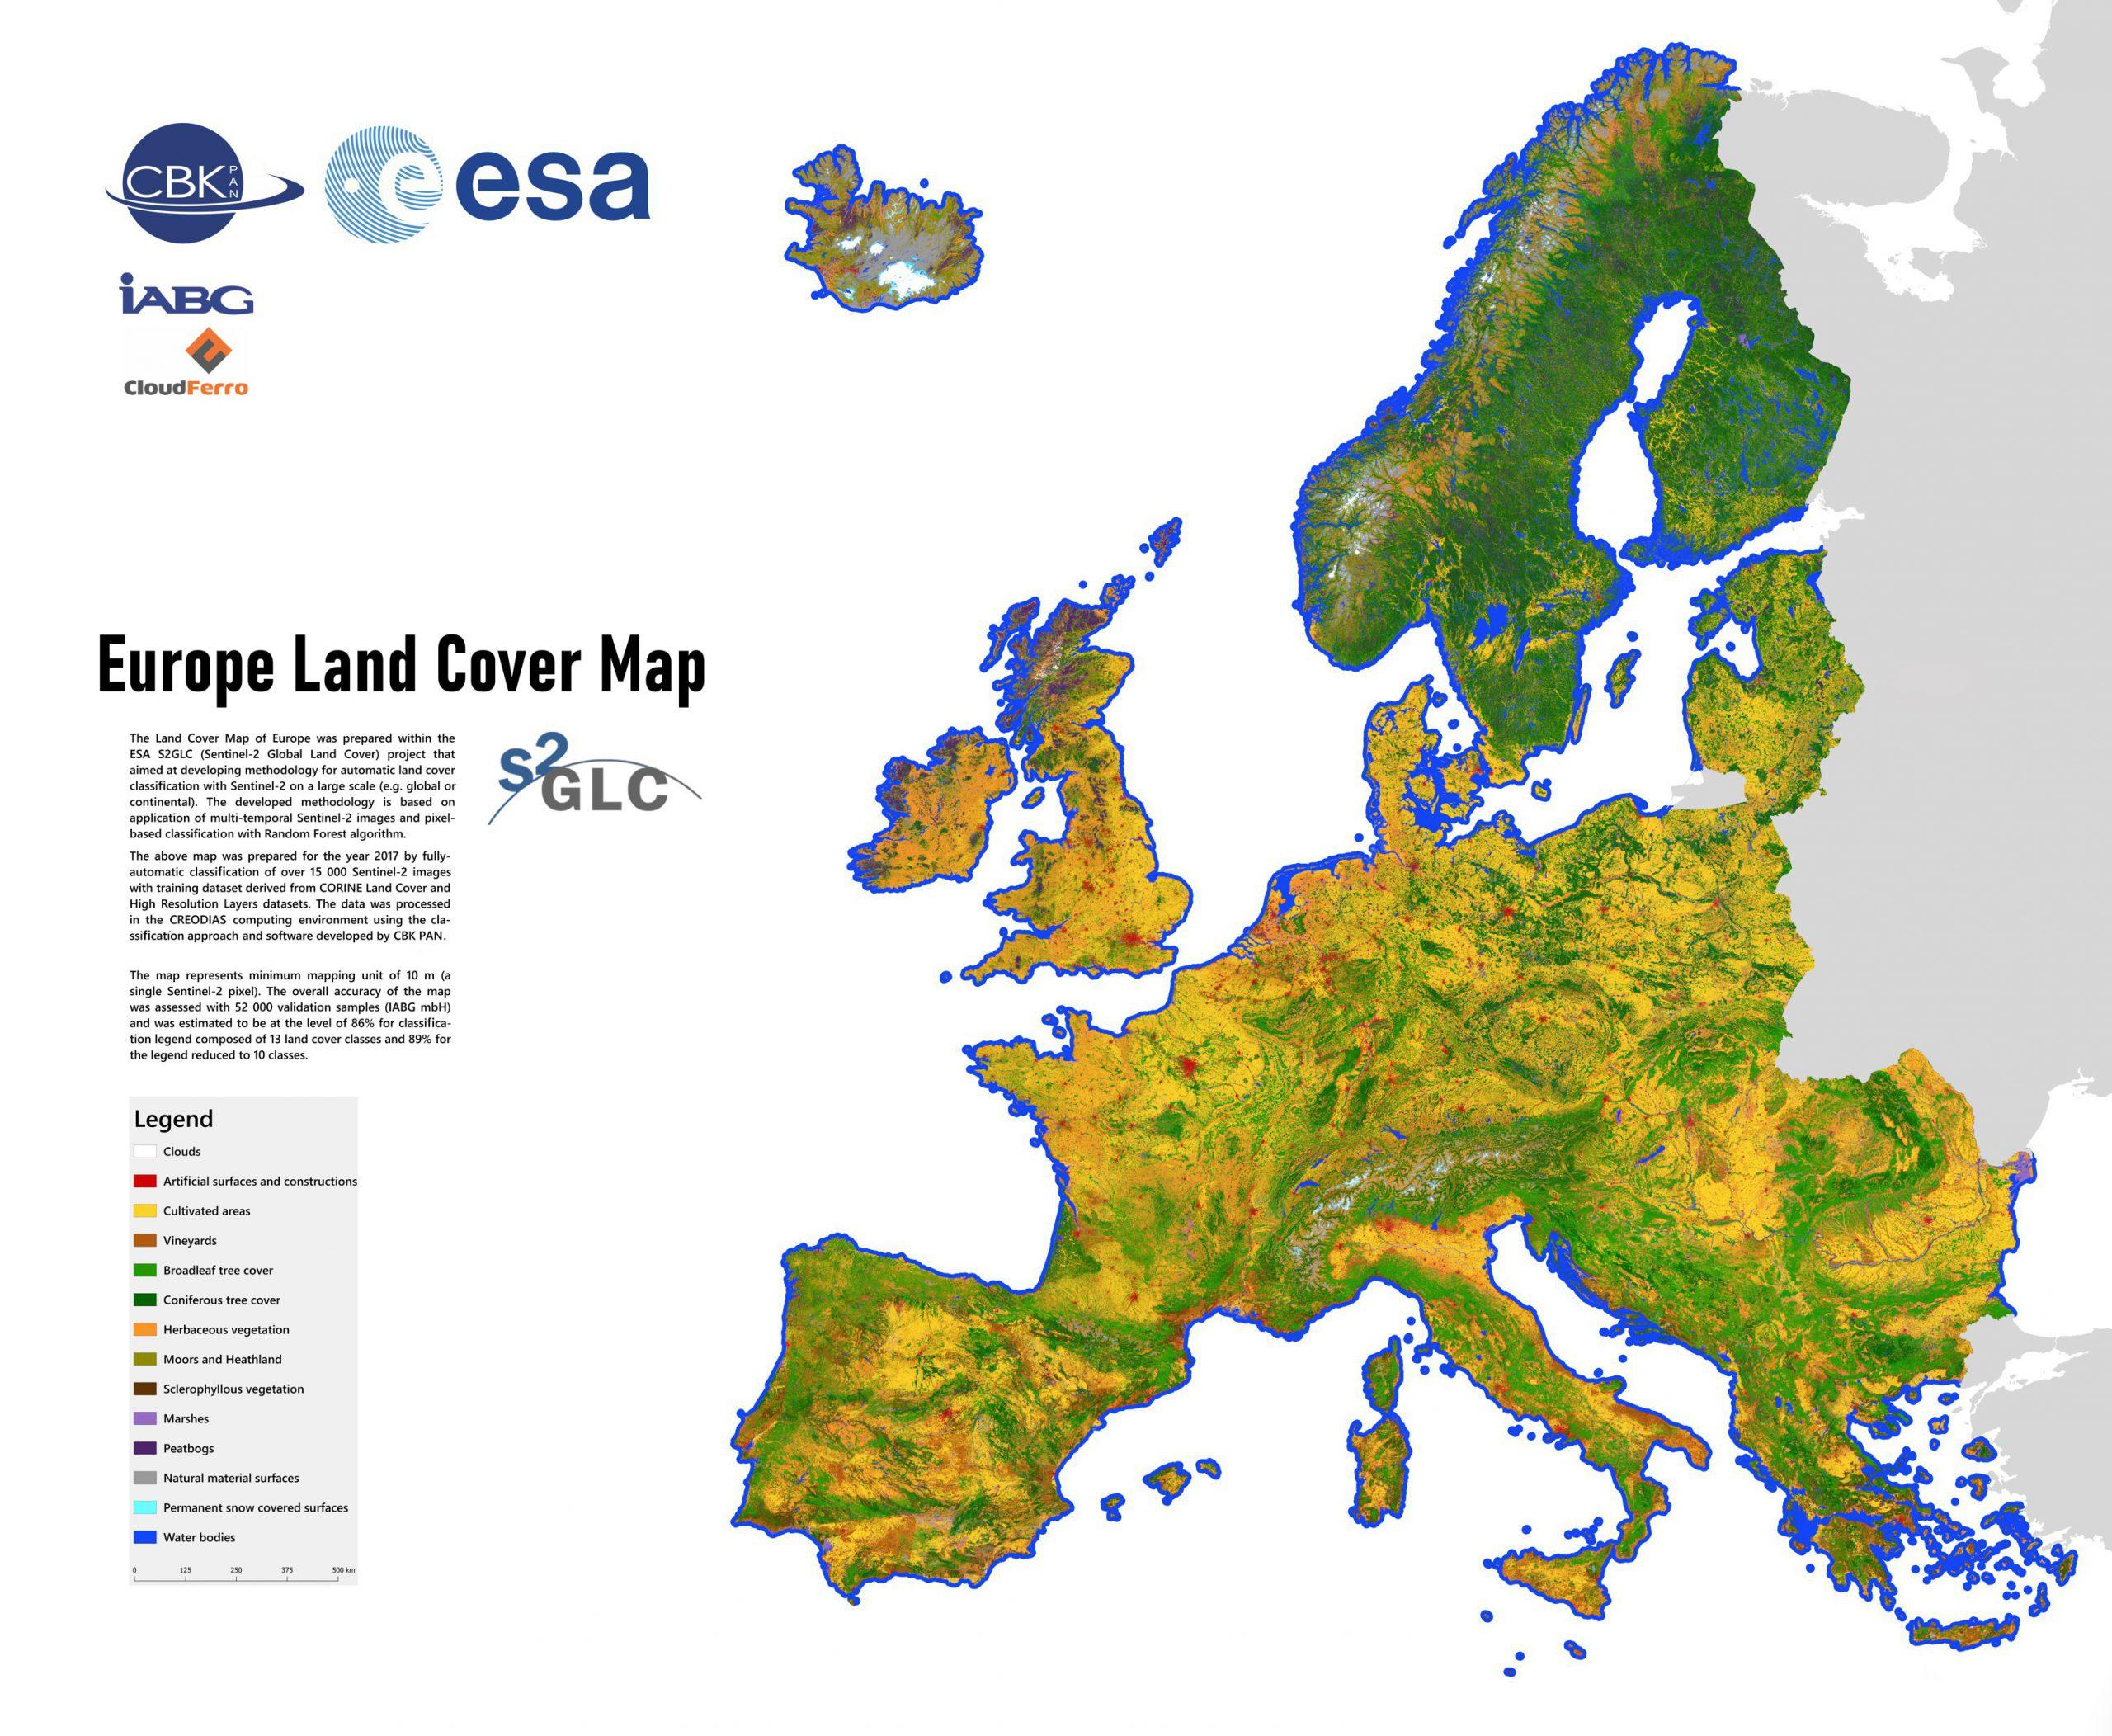 Mapa pokrycia terenu w Europie opracowana w ramach projektu S2GLC. Rys. CBK PAN